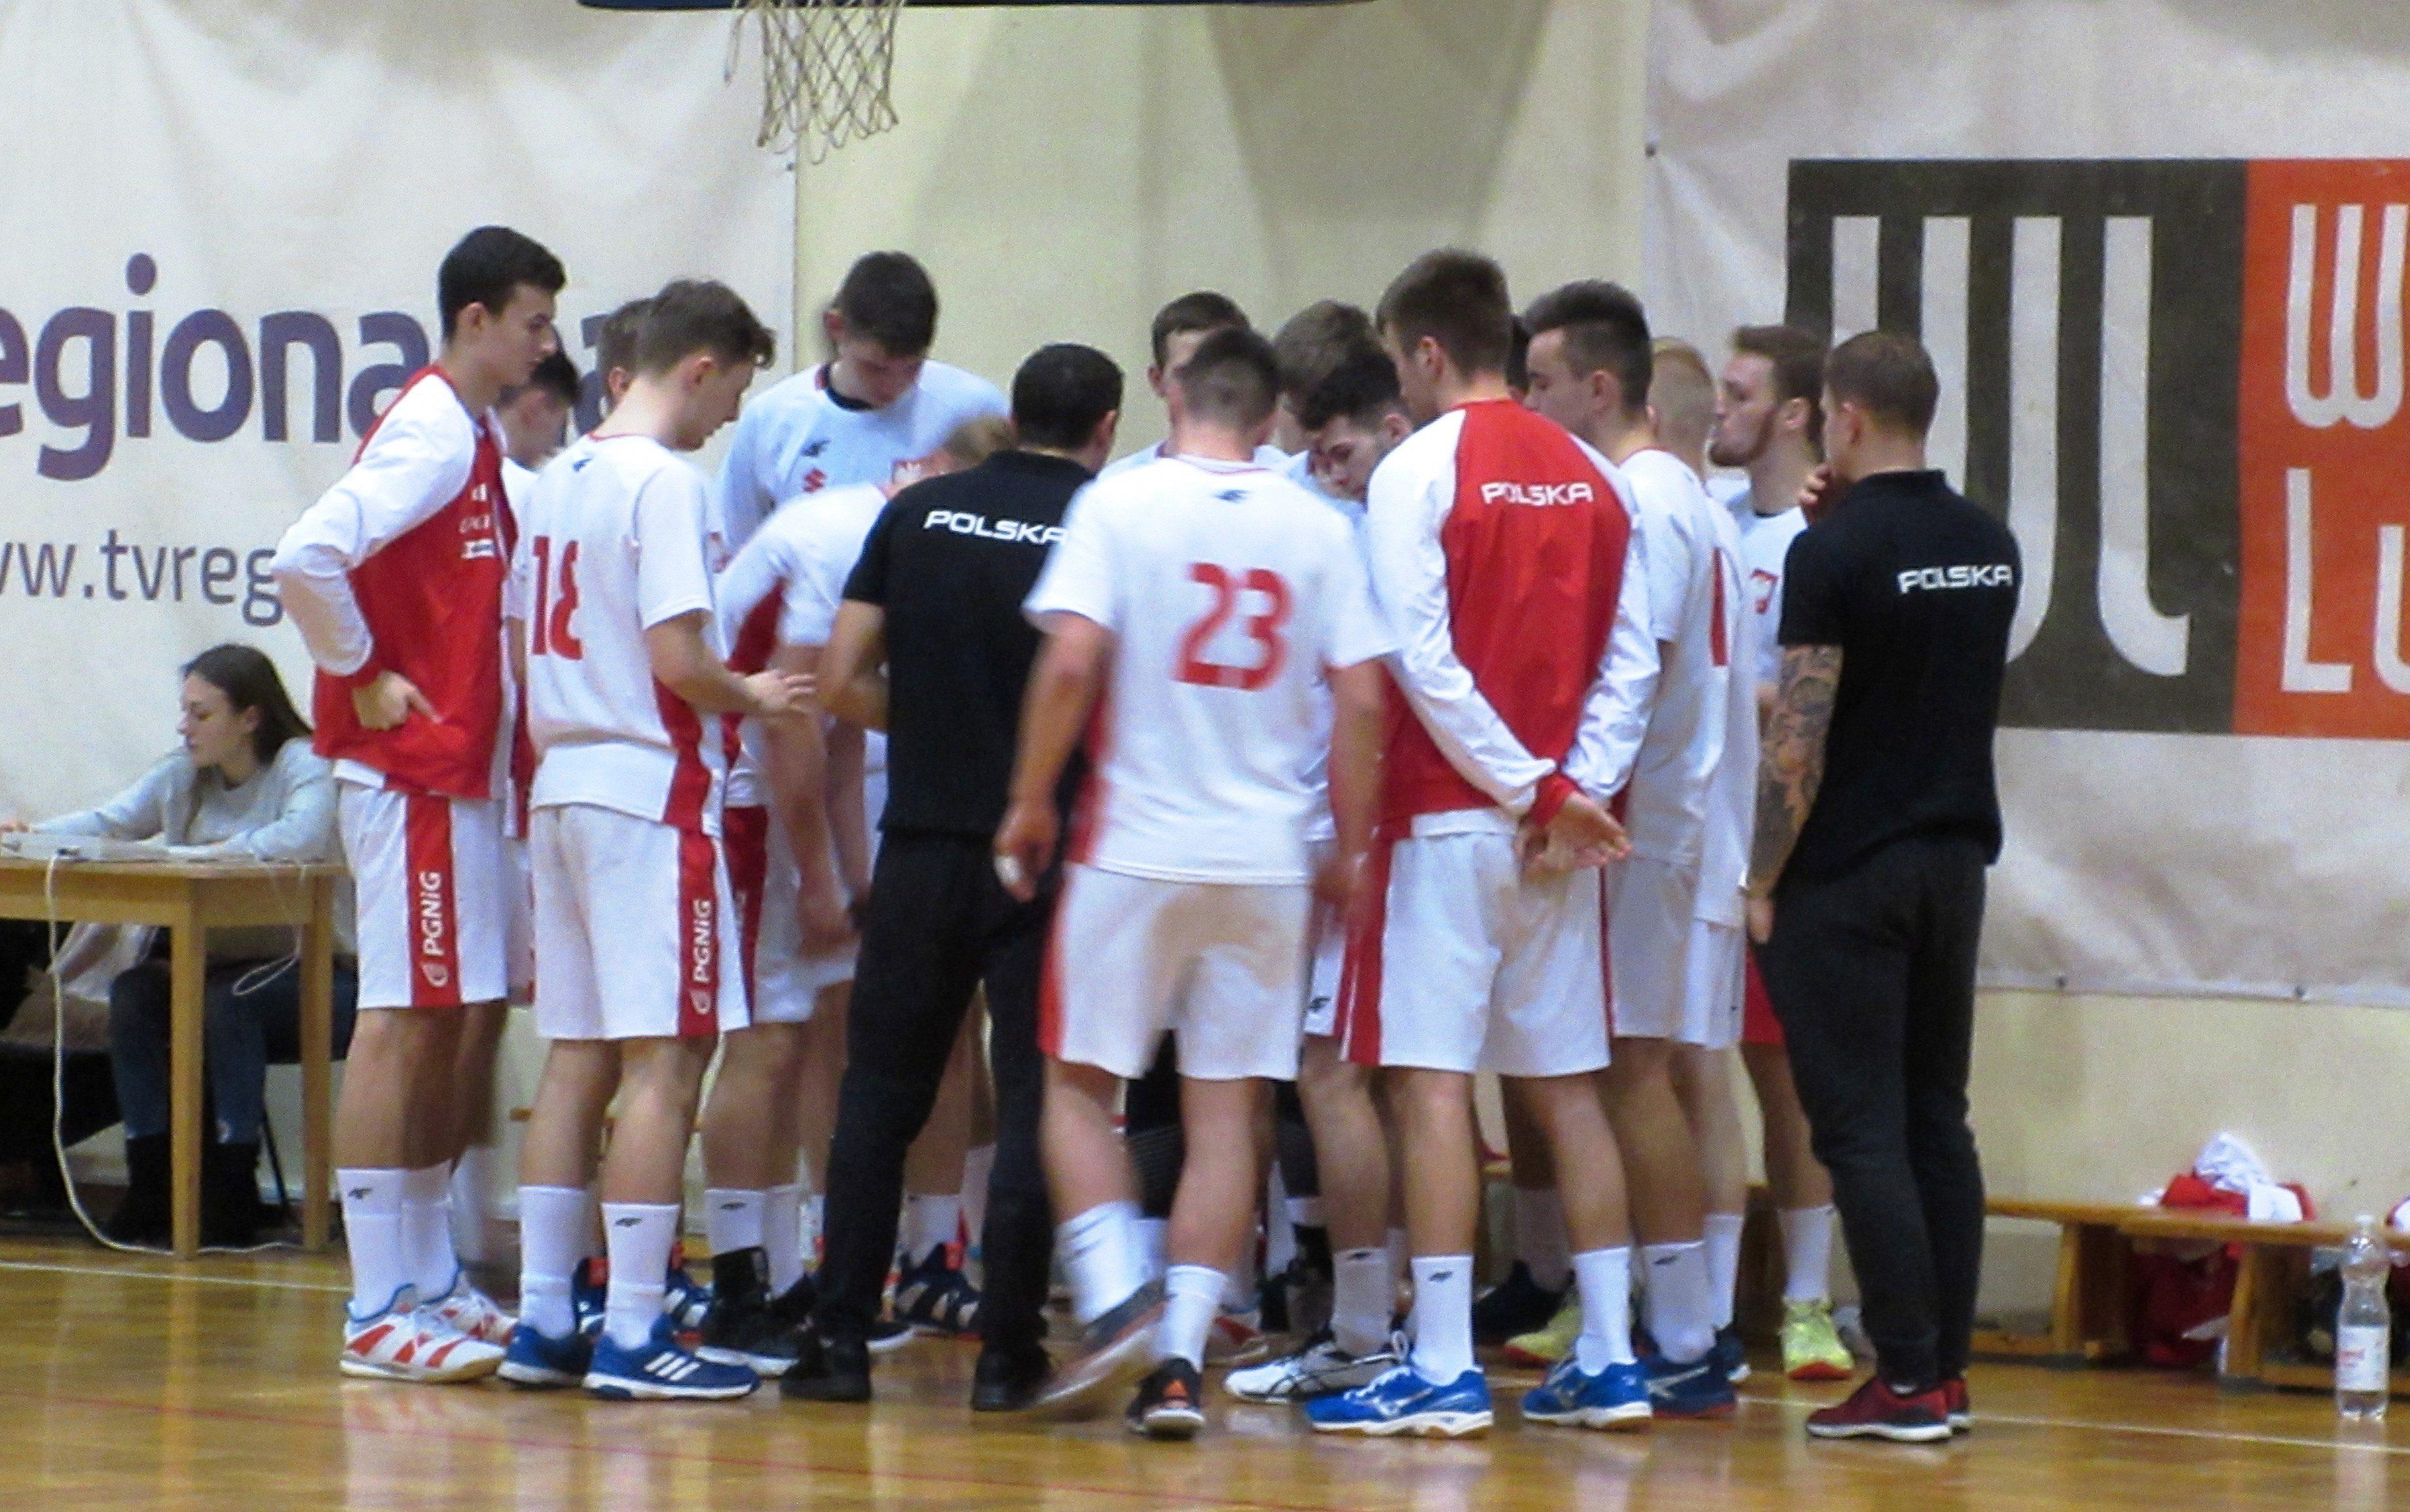 Fot. Łukasz Lemanik (MKS Zagłębie Lubin)